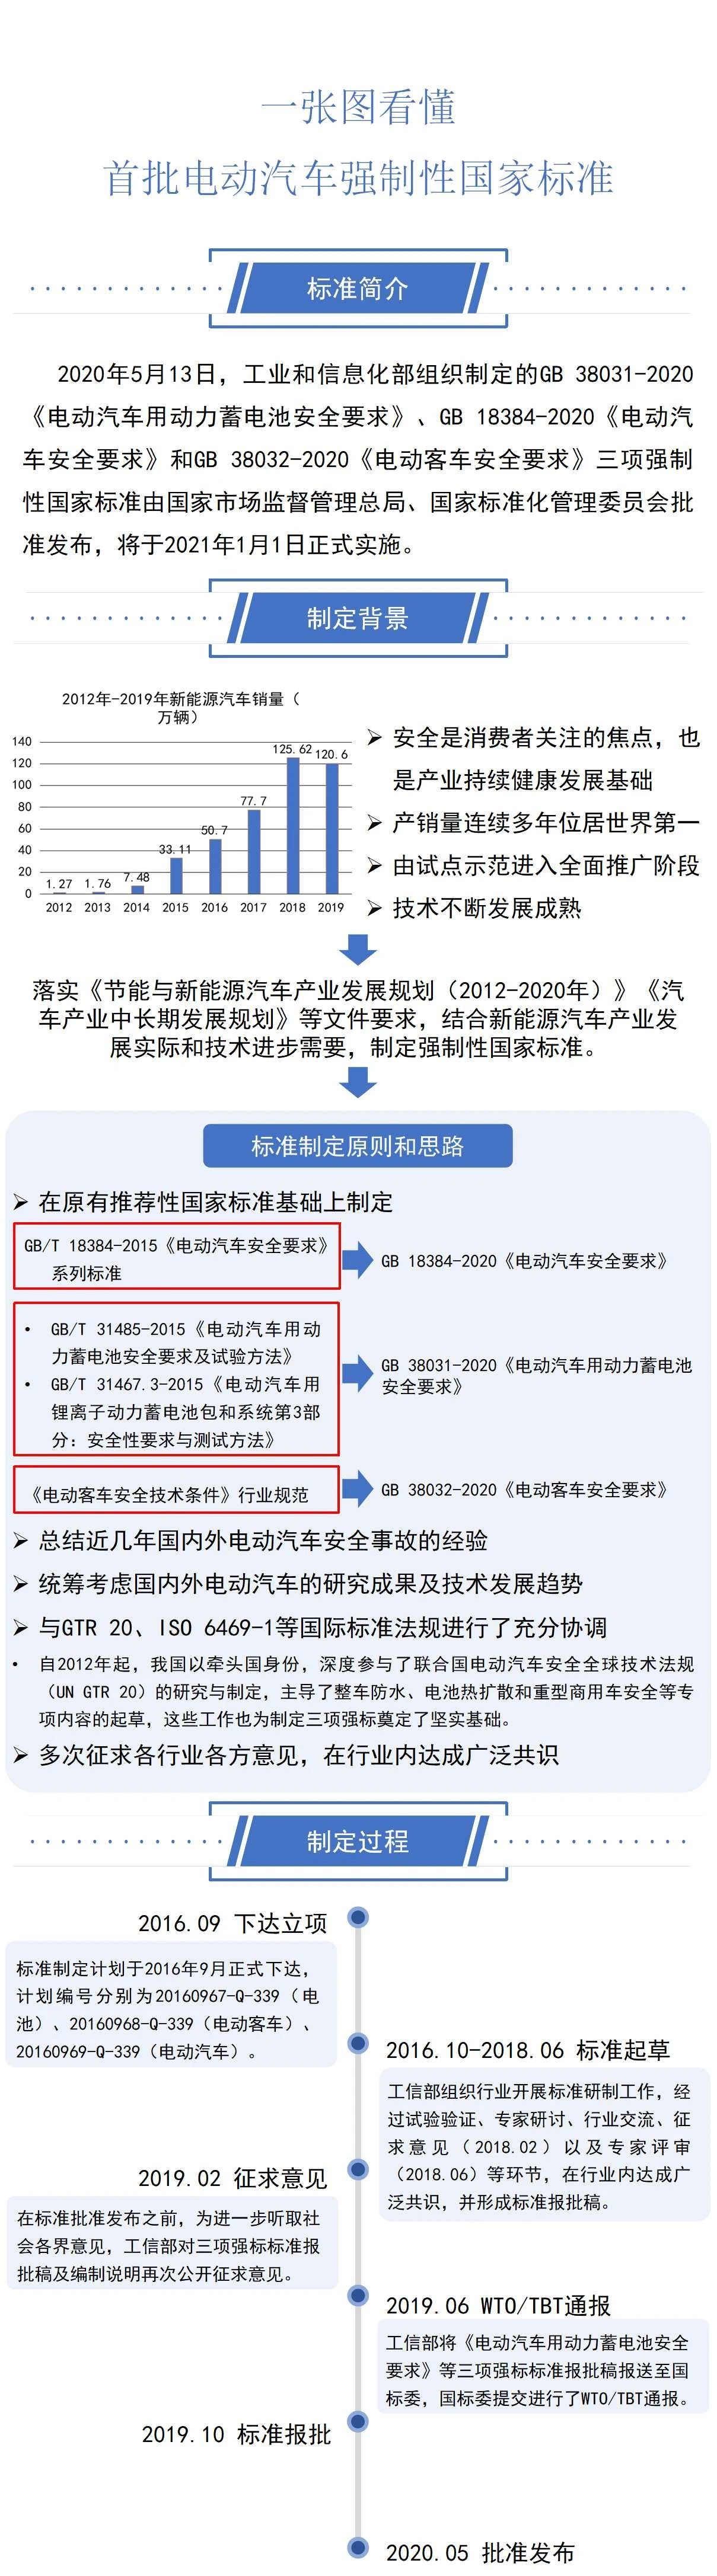 一图看懂工信部三项电动汽车强制性国家标准图片